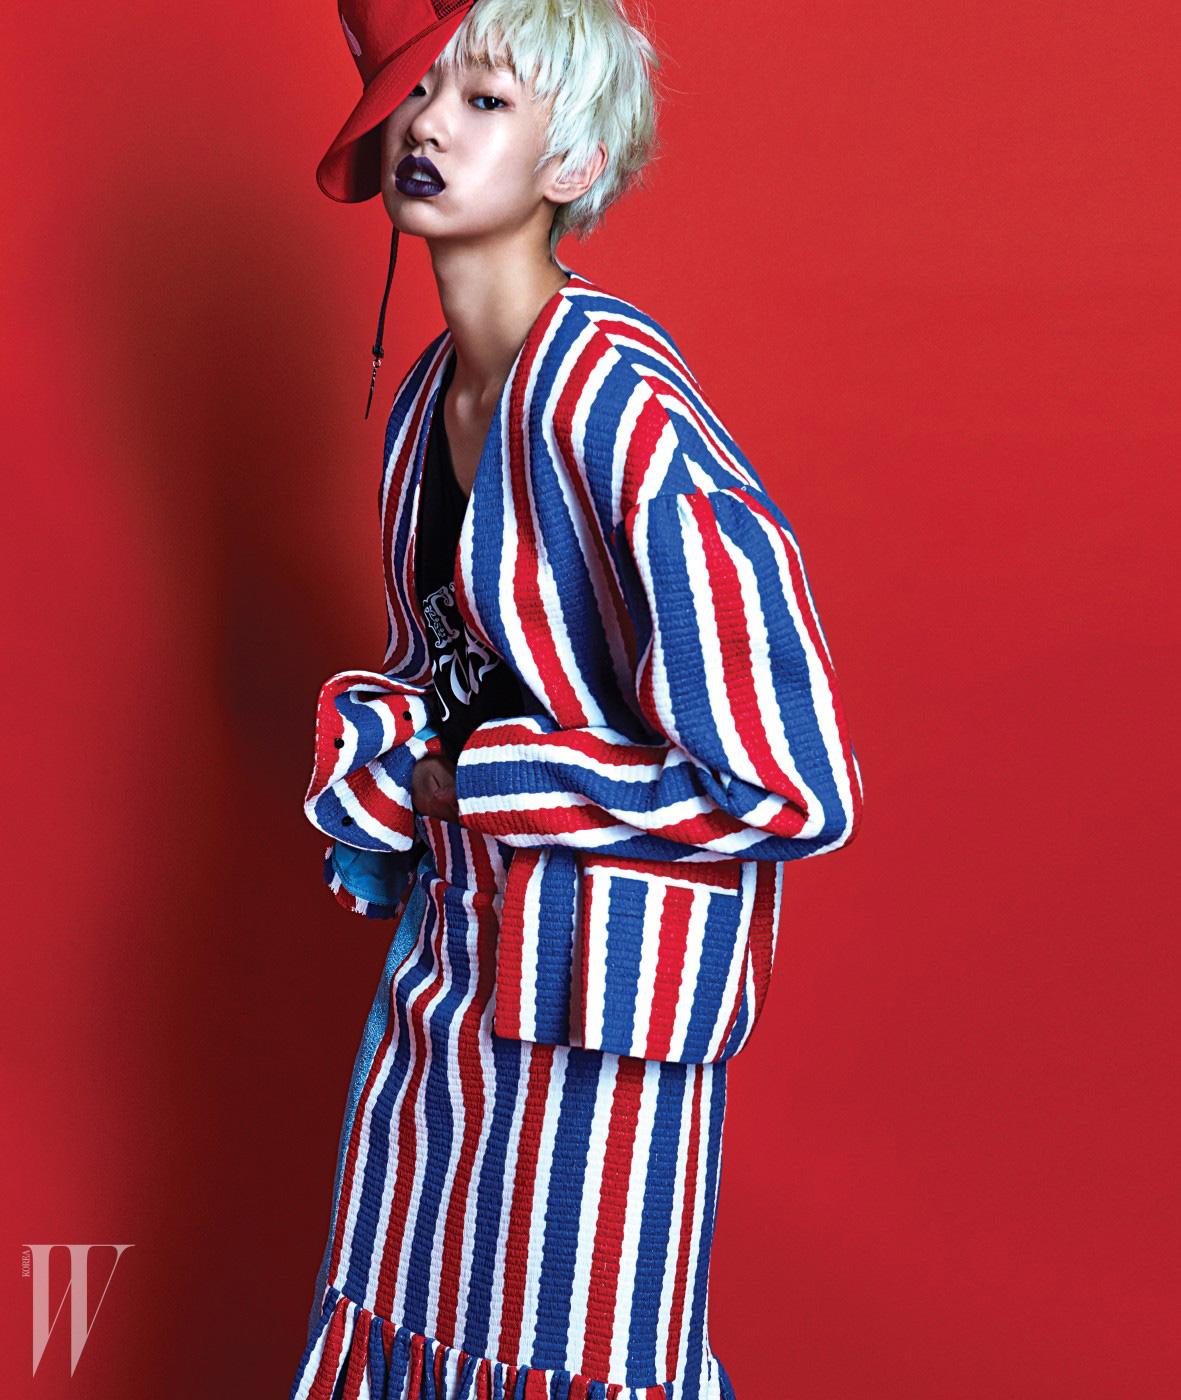 빨강, 하양, 파랑이 섞인 스트라이프 재킷과 미디 길이 스커트, 로고 프린트 티셔츠, 빨강 스냅백과 드롭 귀고리는 모두 Lucky Chouette 제품.